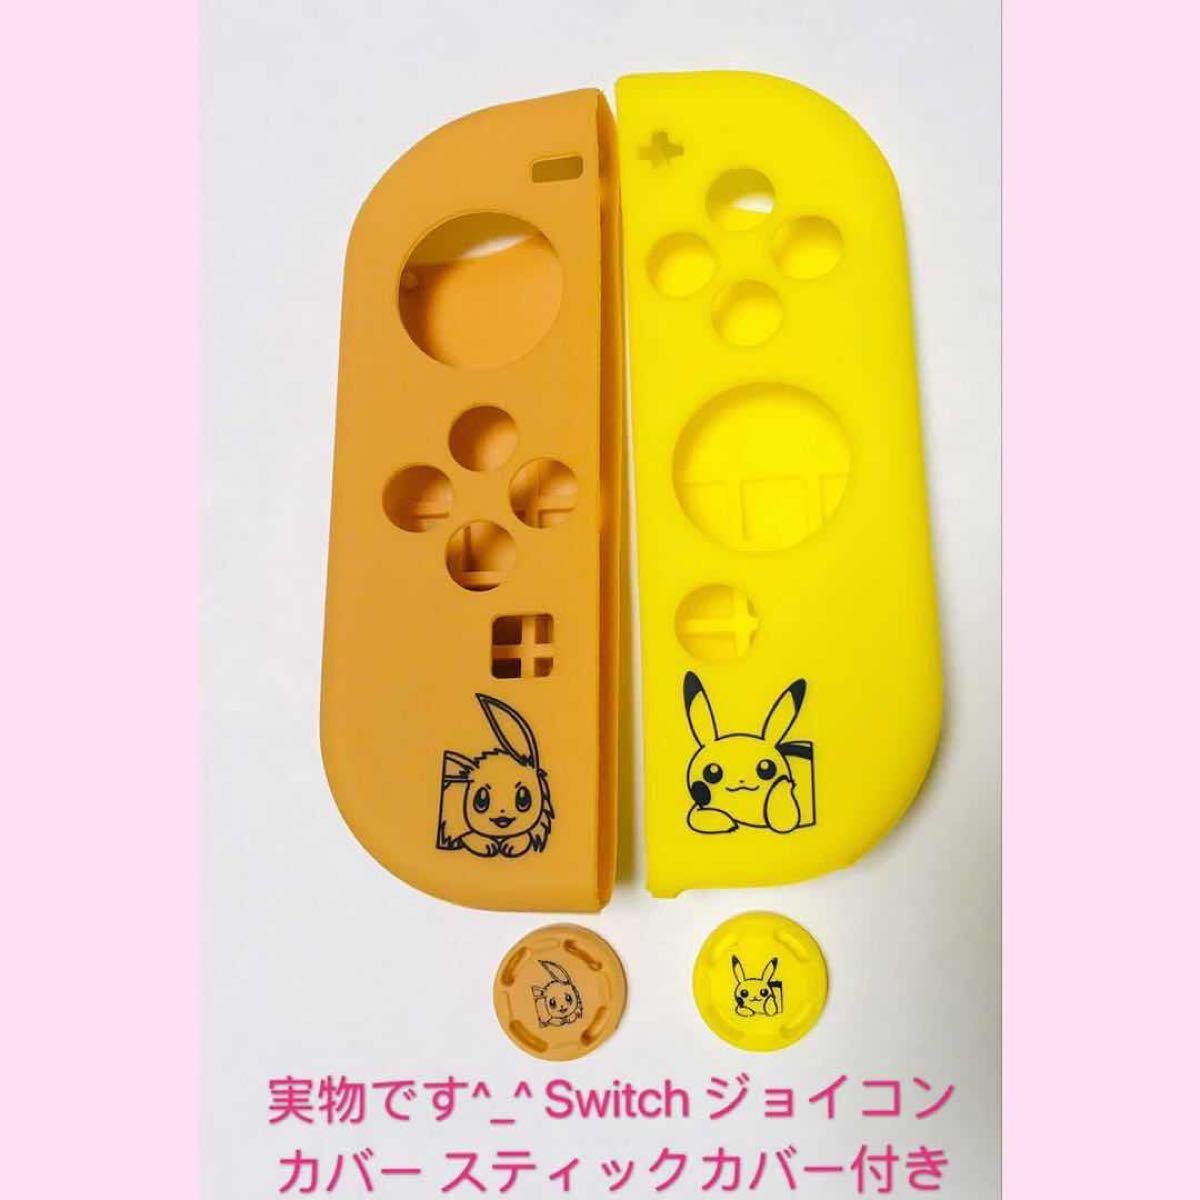 任天堂Switch ジョイコンカバー スイッチスティックカバー付き ピカチュウ